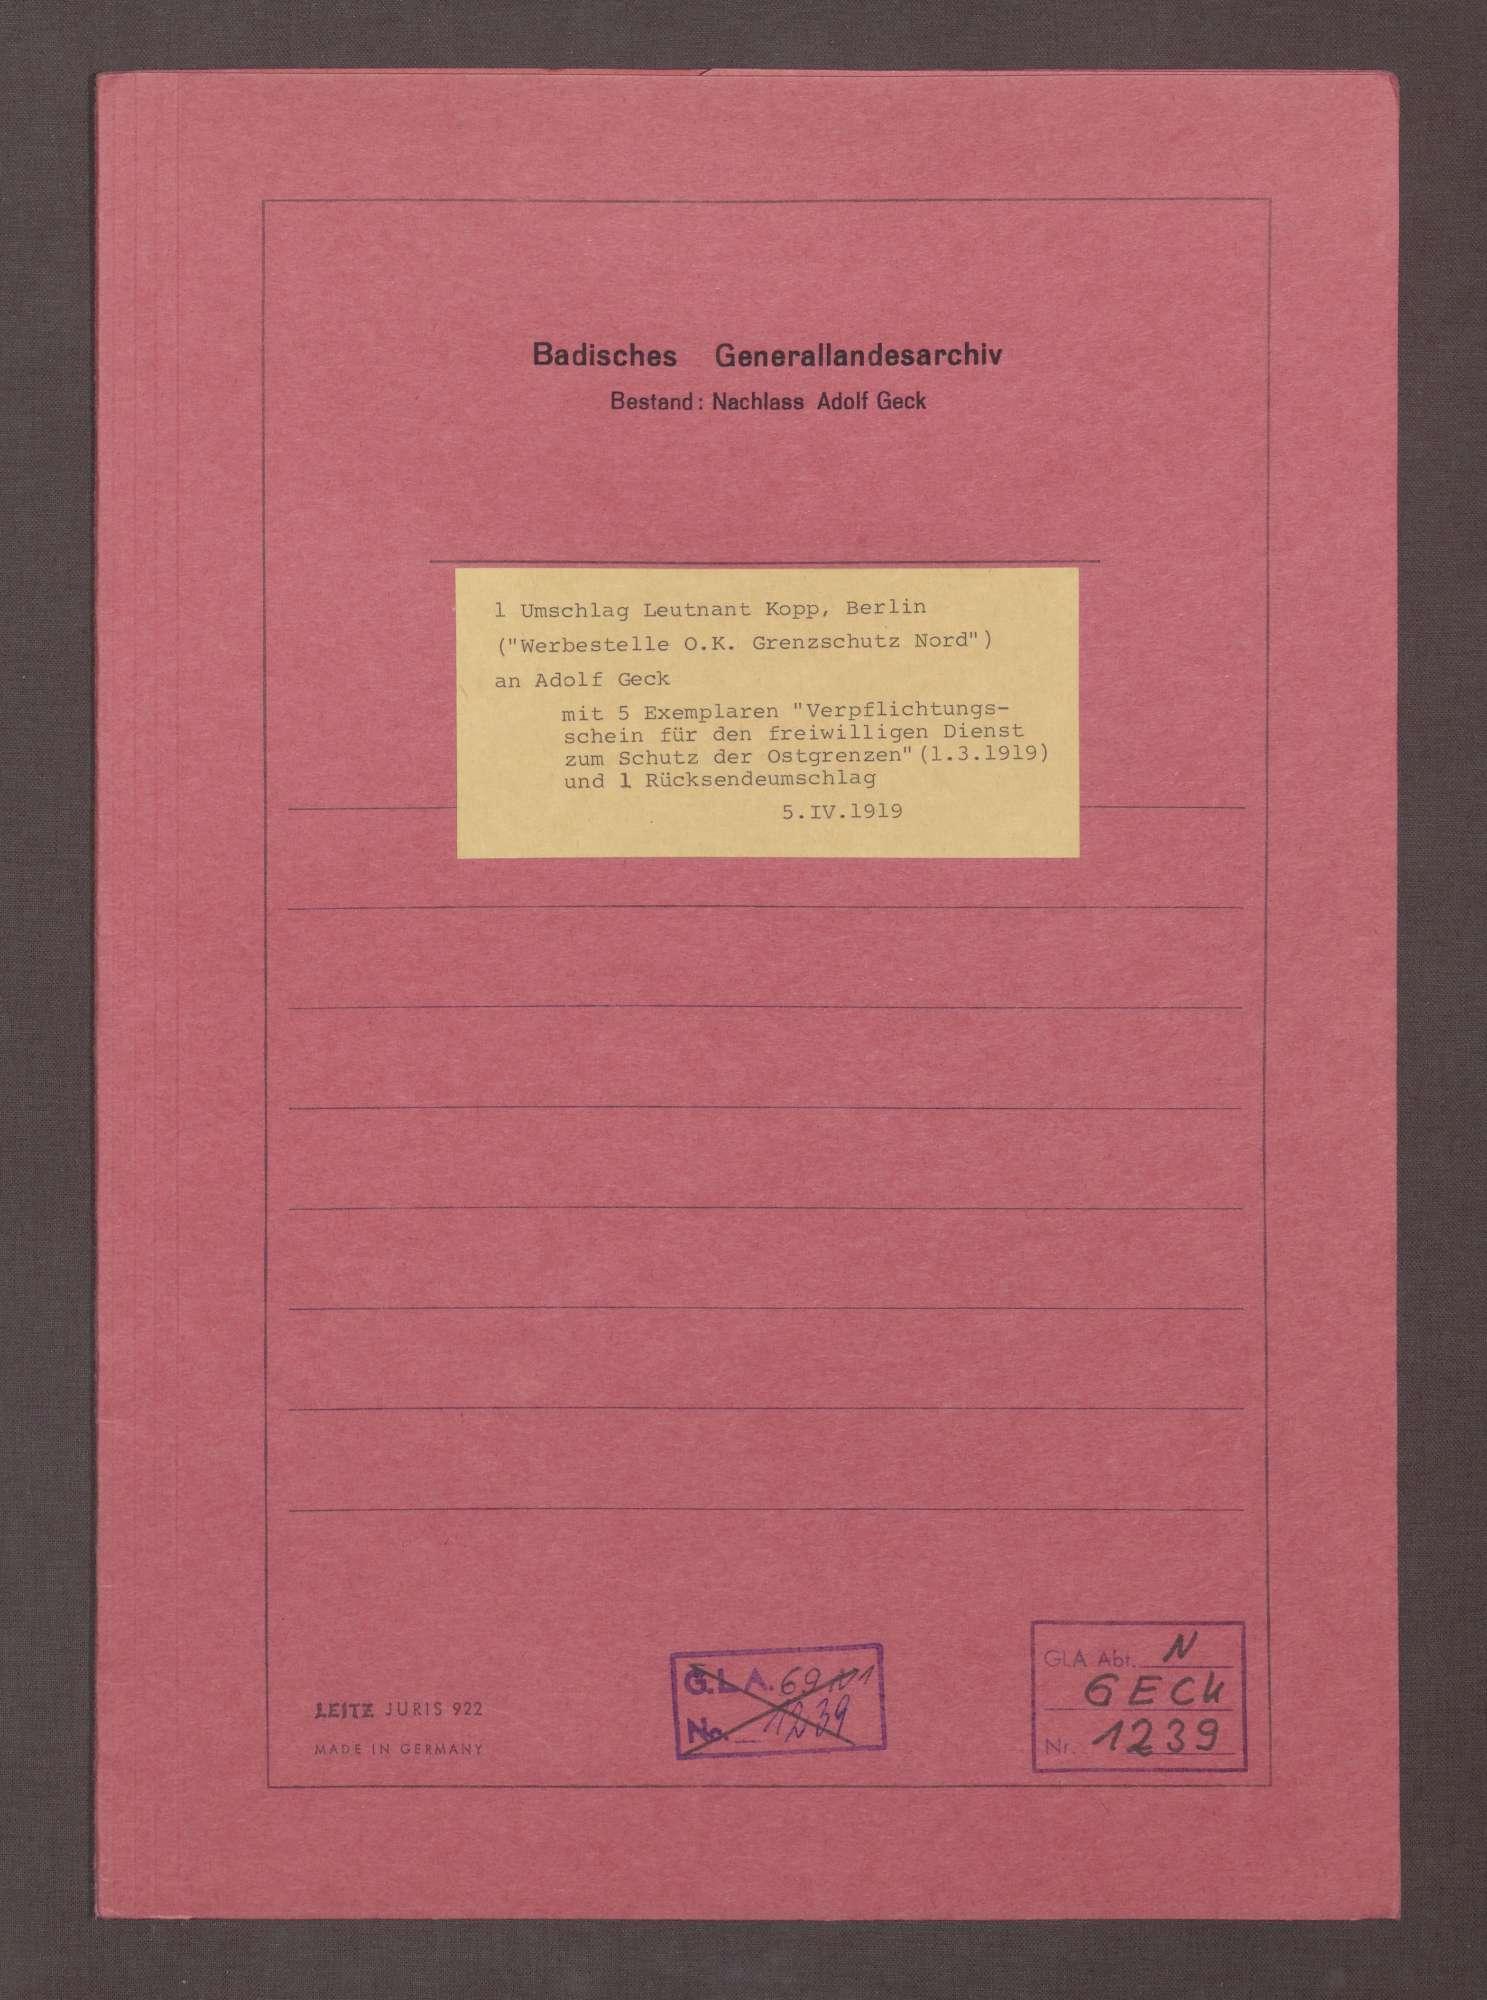 Leutnant Kopp, Berlin, Werbestelle O. K. Grenzschutz Nord, an Adolf Geck: Verpflichtungsschein für den Freiwilligen-Dienst zum Schutz der Ostgrenzen, 05.04.1919, Bild 1